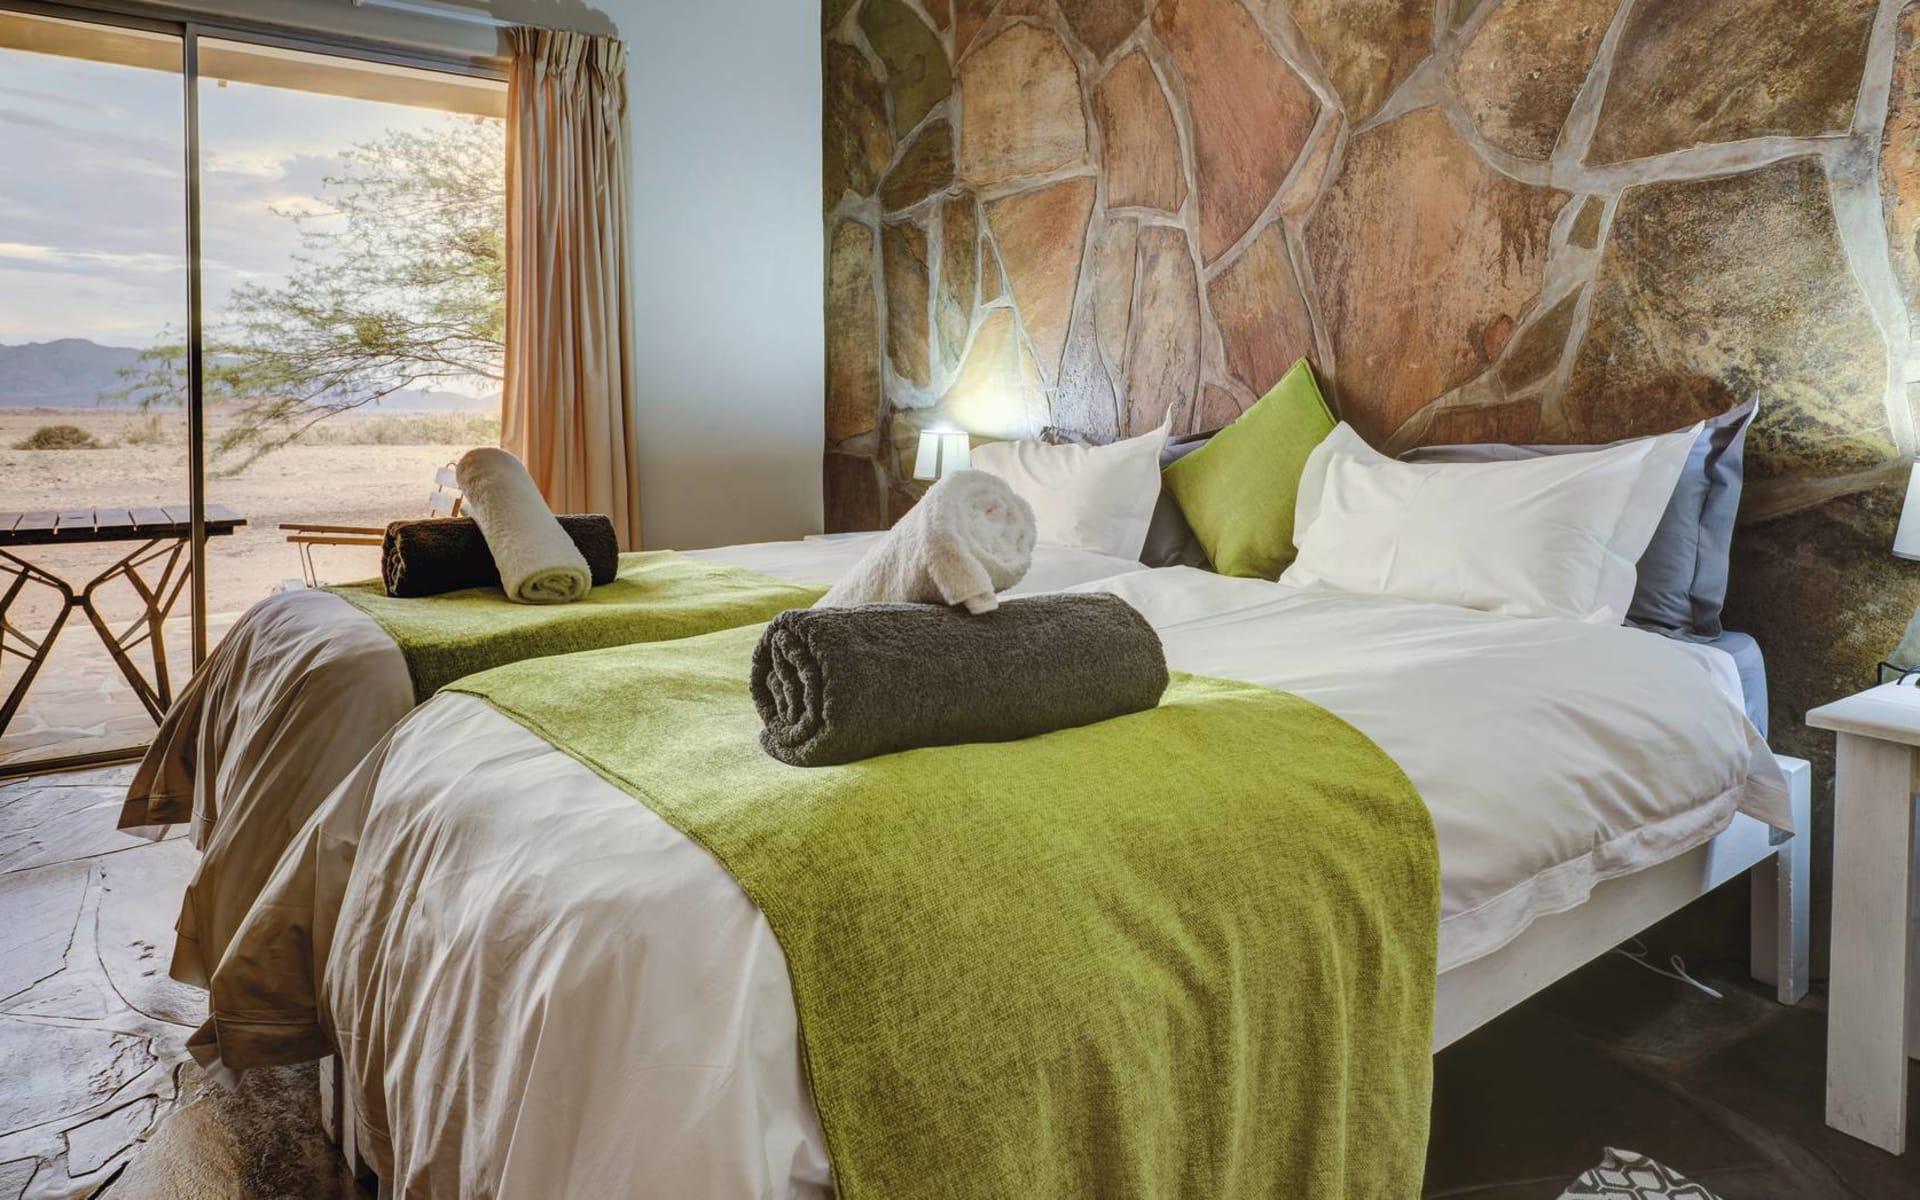 The Elegant Desert Lodge in Sesriem: The Elegant Desert Lodge-  zimmer mit Blick in die Wueste